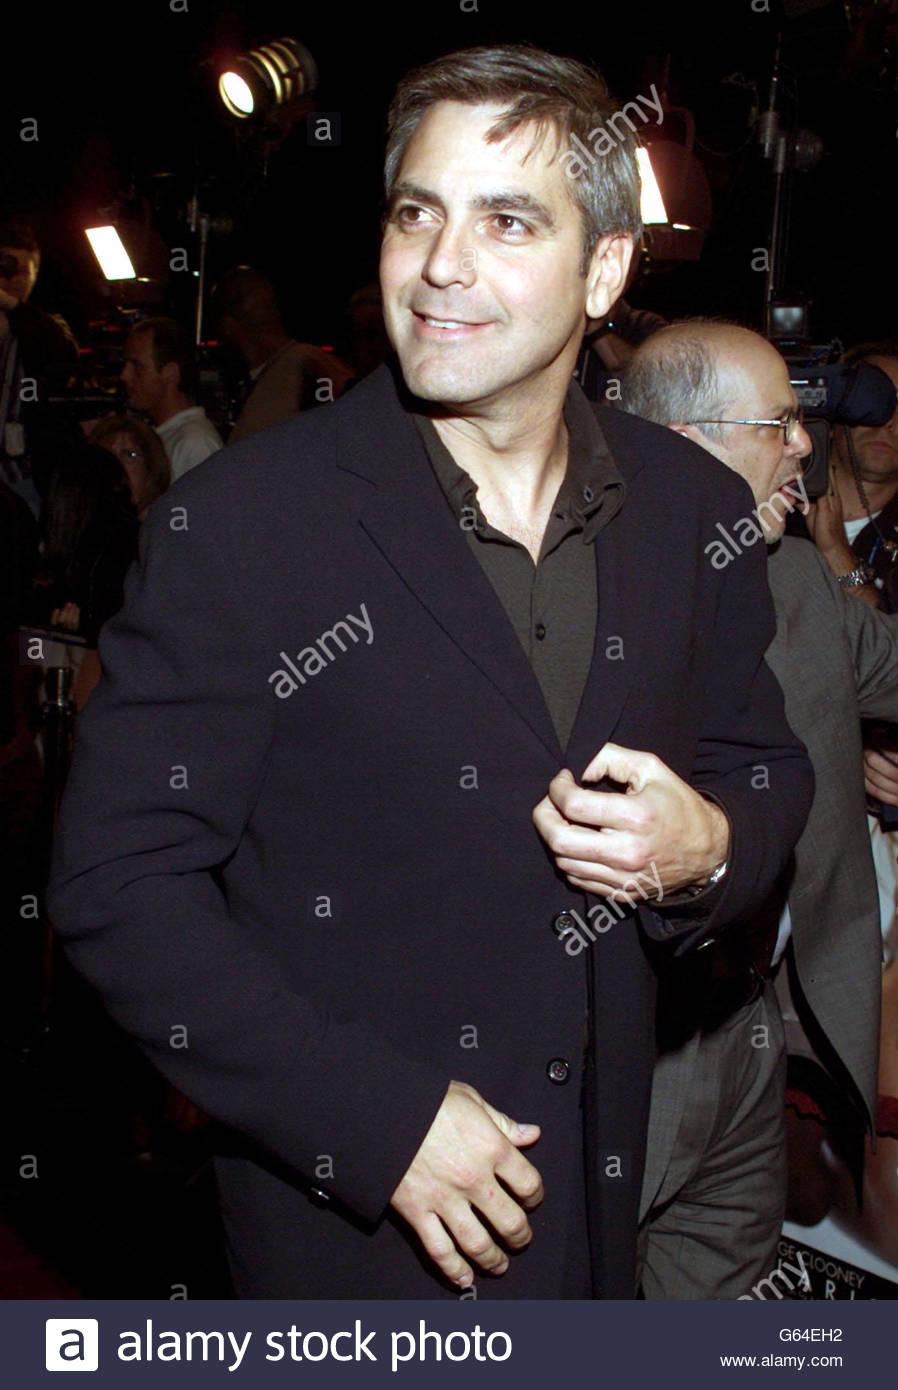 George Clooney Solaris Stock Photo 107049406   Alamy 898x1390